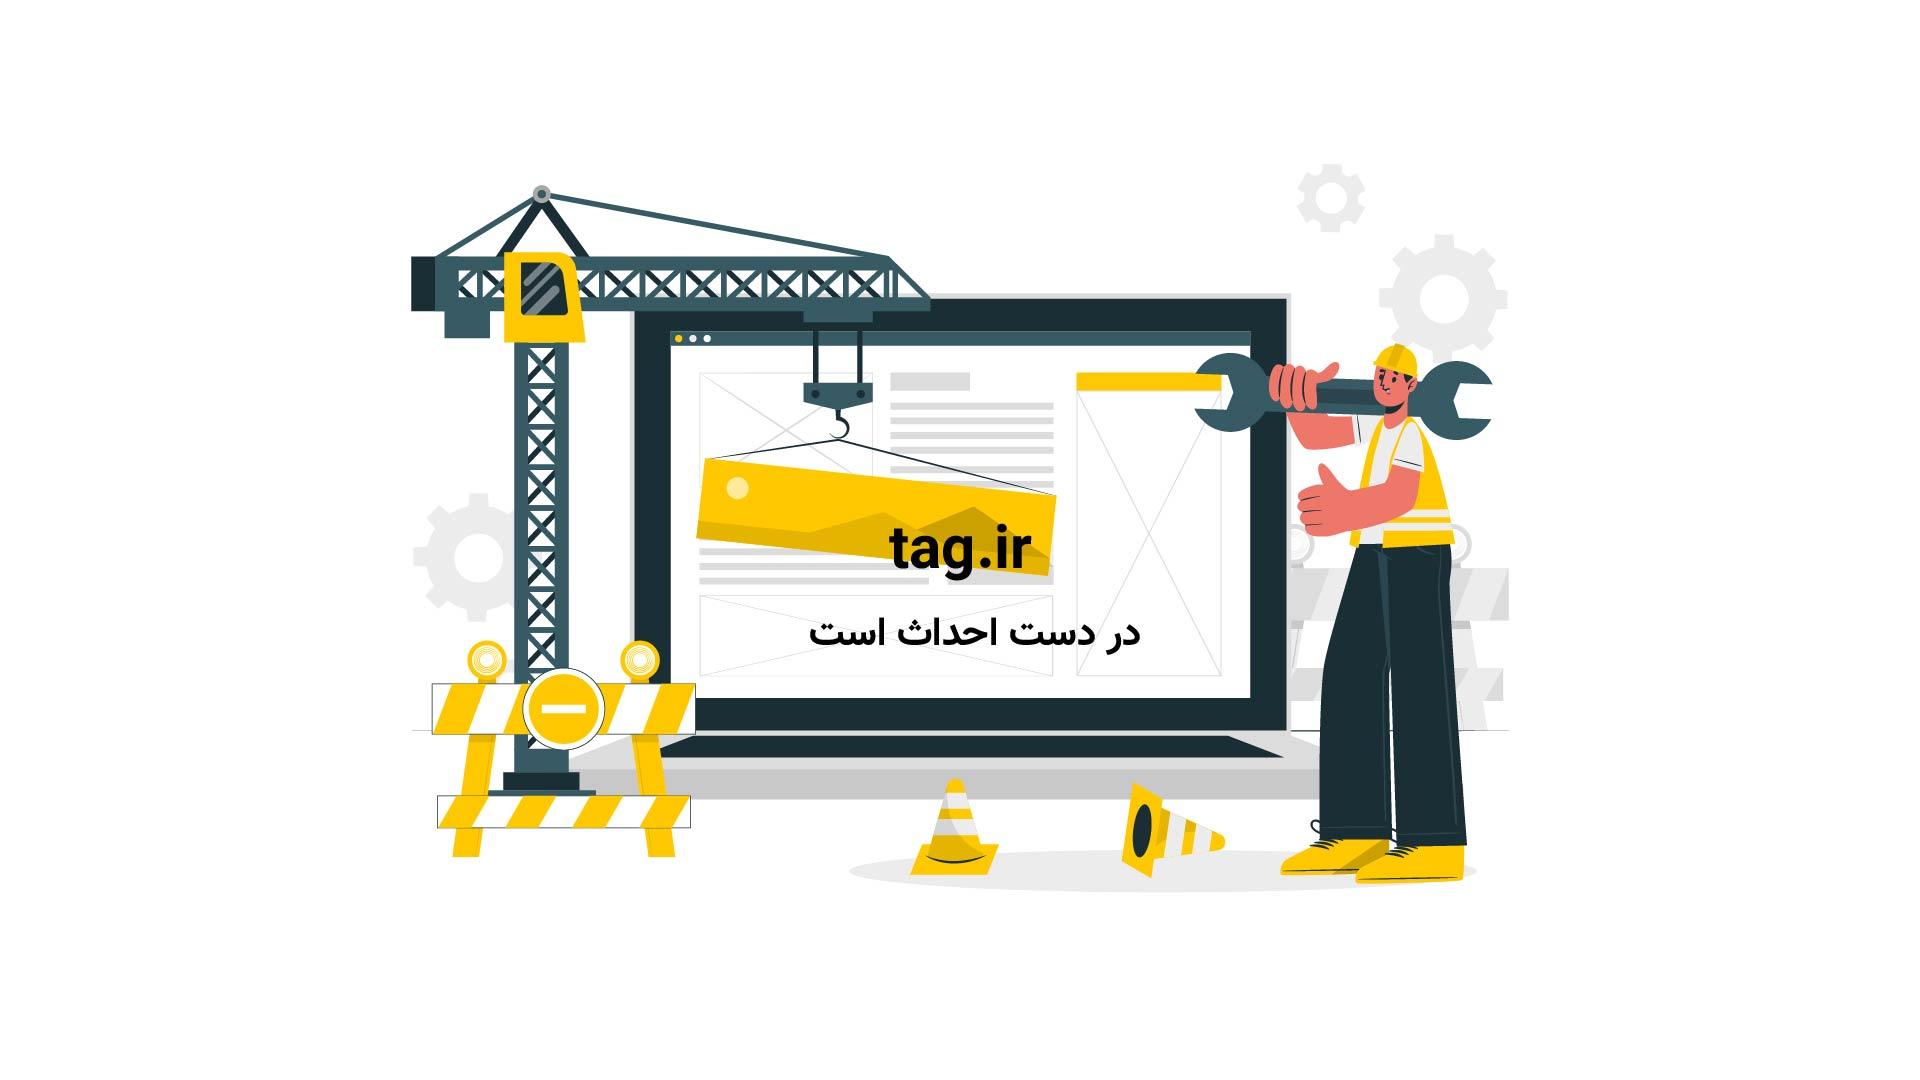 گزیده فوتبال هفته هفتم ۲۰۱۶-۲۰۱۵ بوندسلیگای آلمان + فیلم